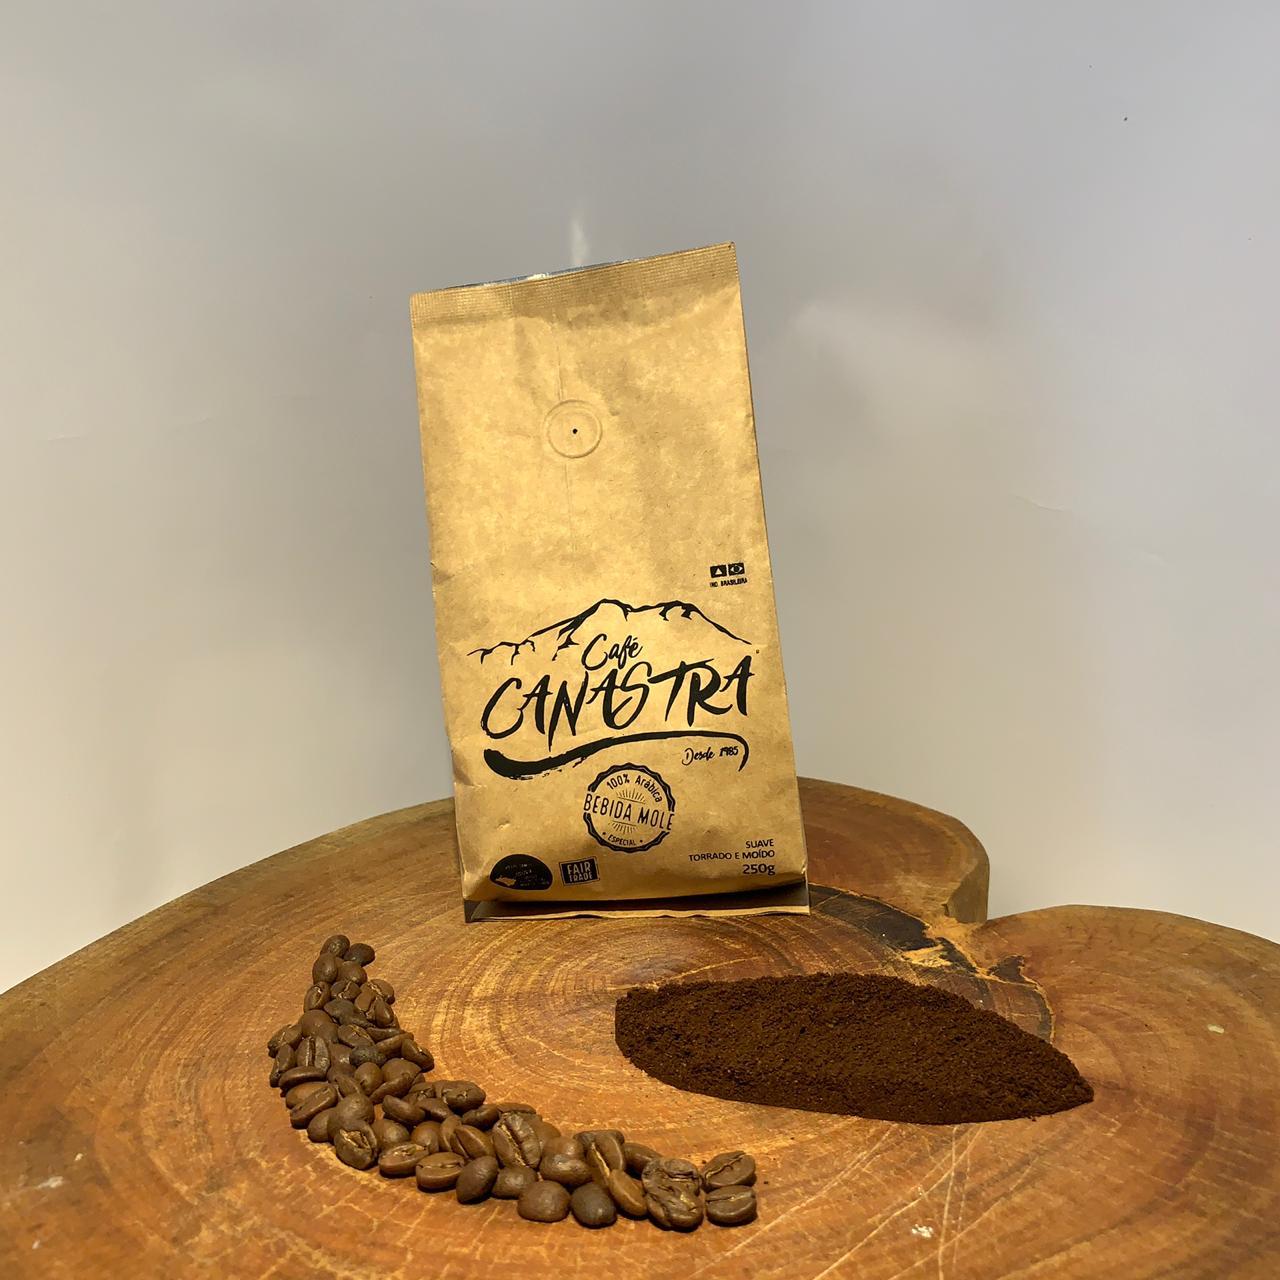 Café Canastra - Suave - Torrado e moído - 500g